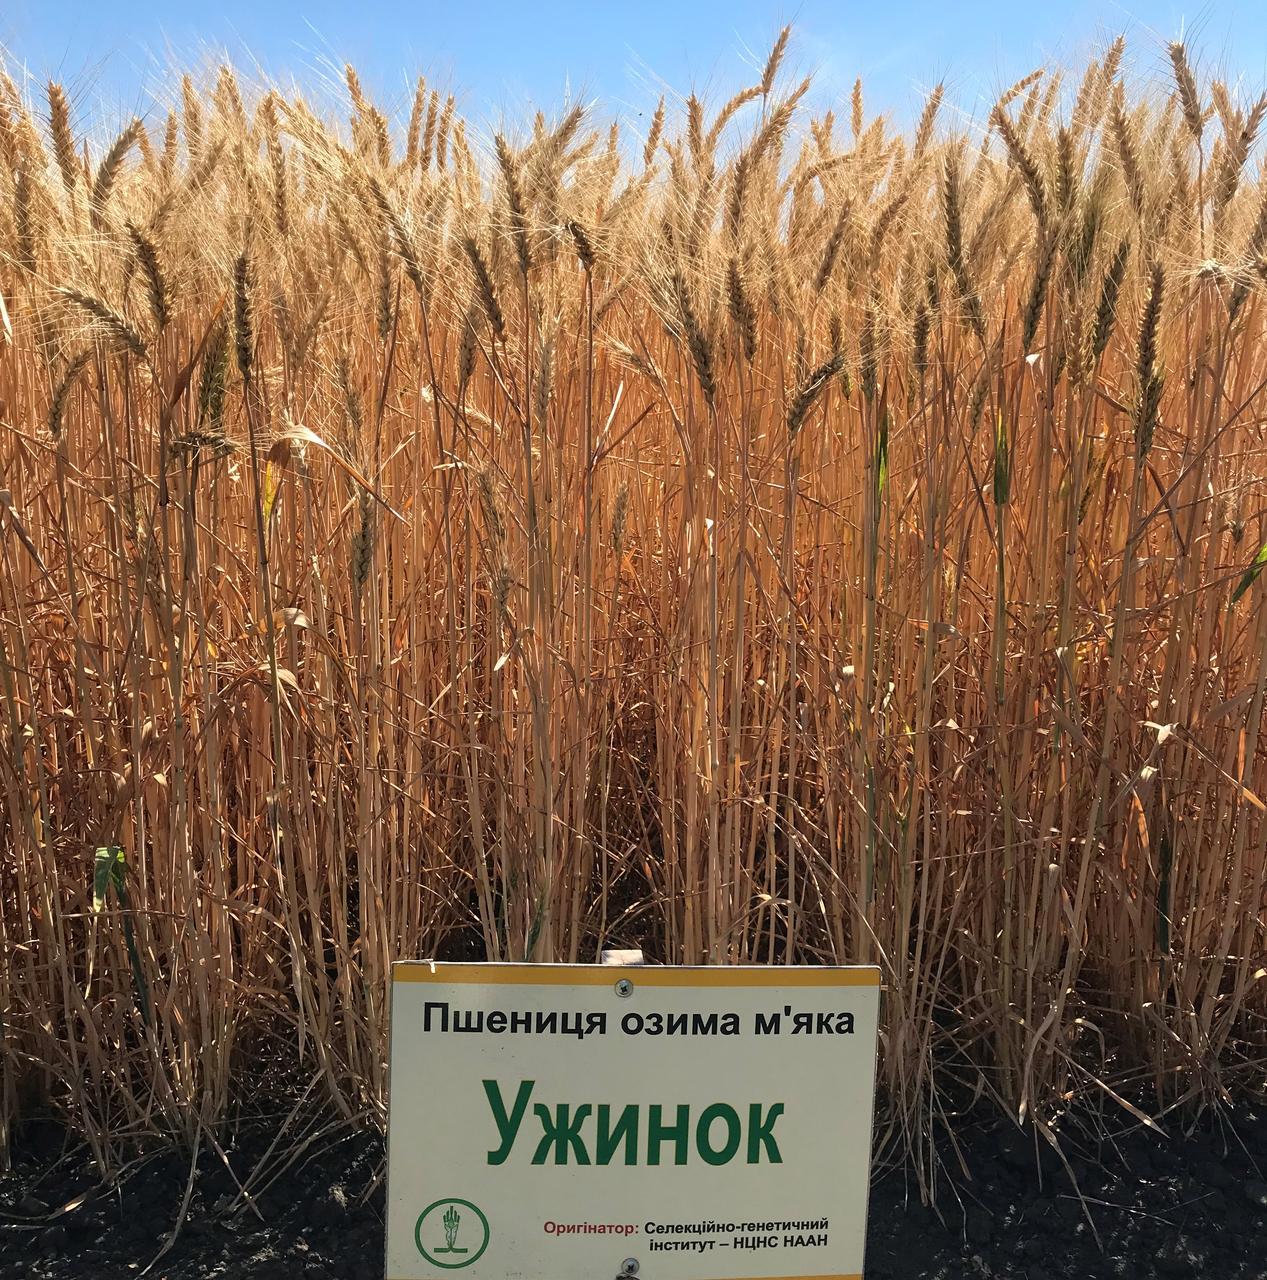 Семена пшеницы озимой Ужинок